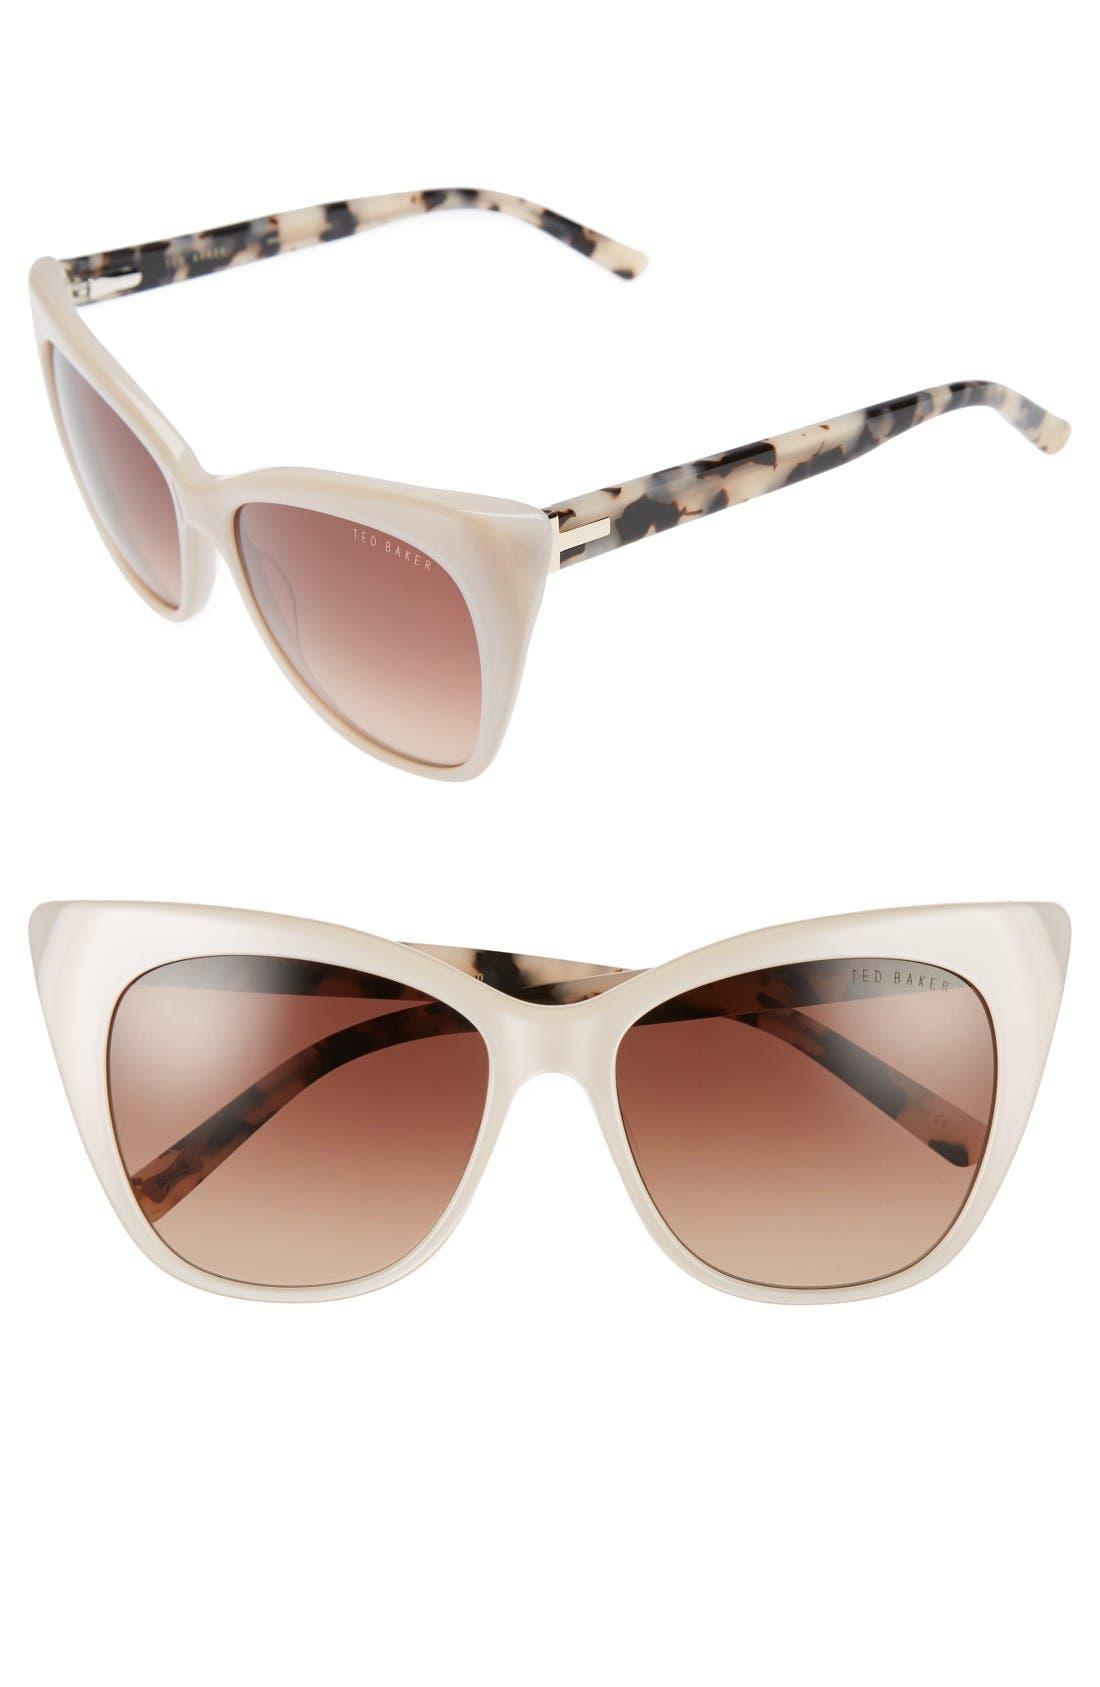 Ted Baker London 54mm Cat Eye Sunglasses